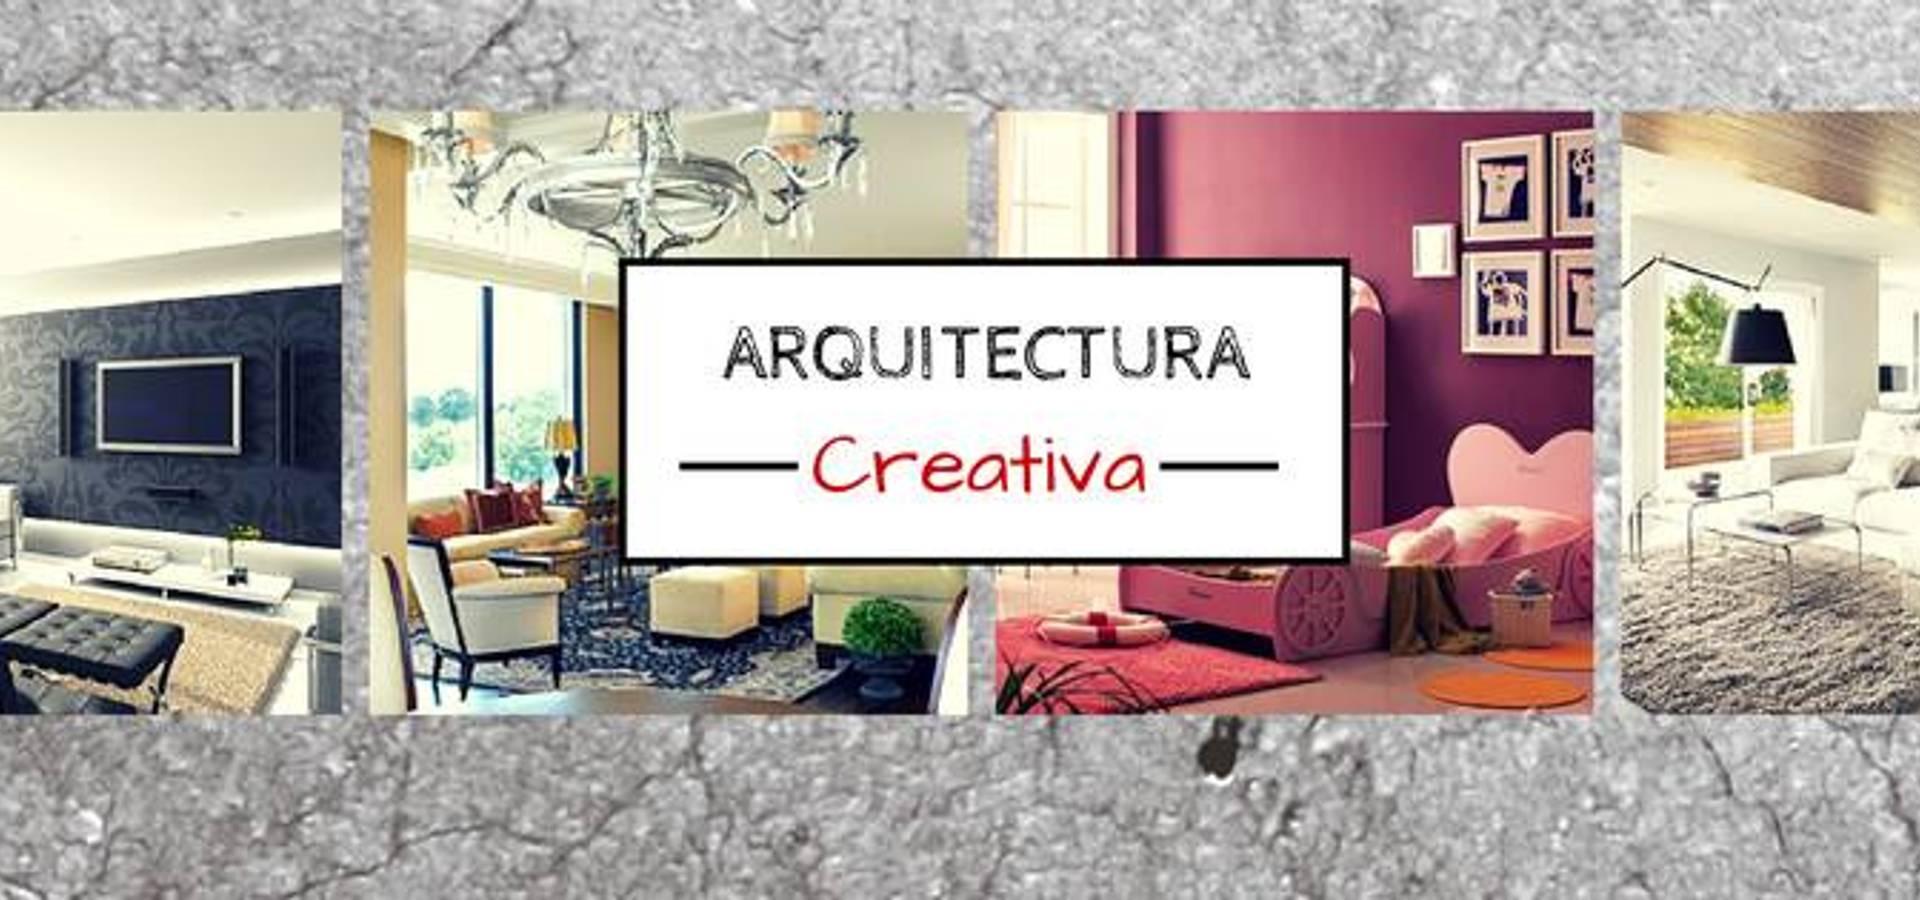 6424 Arquitectura Creativa